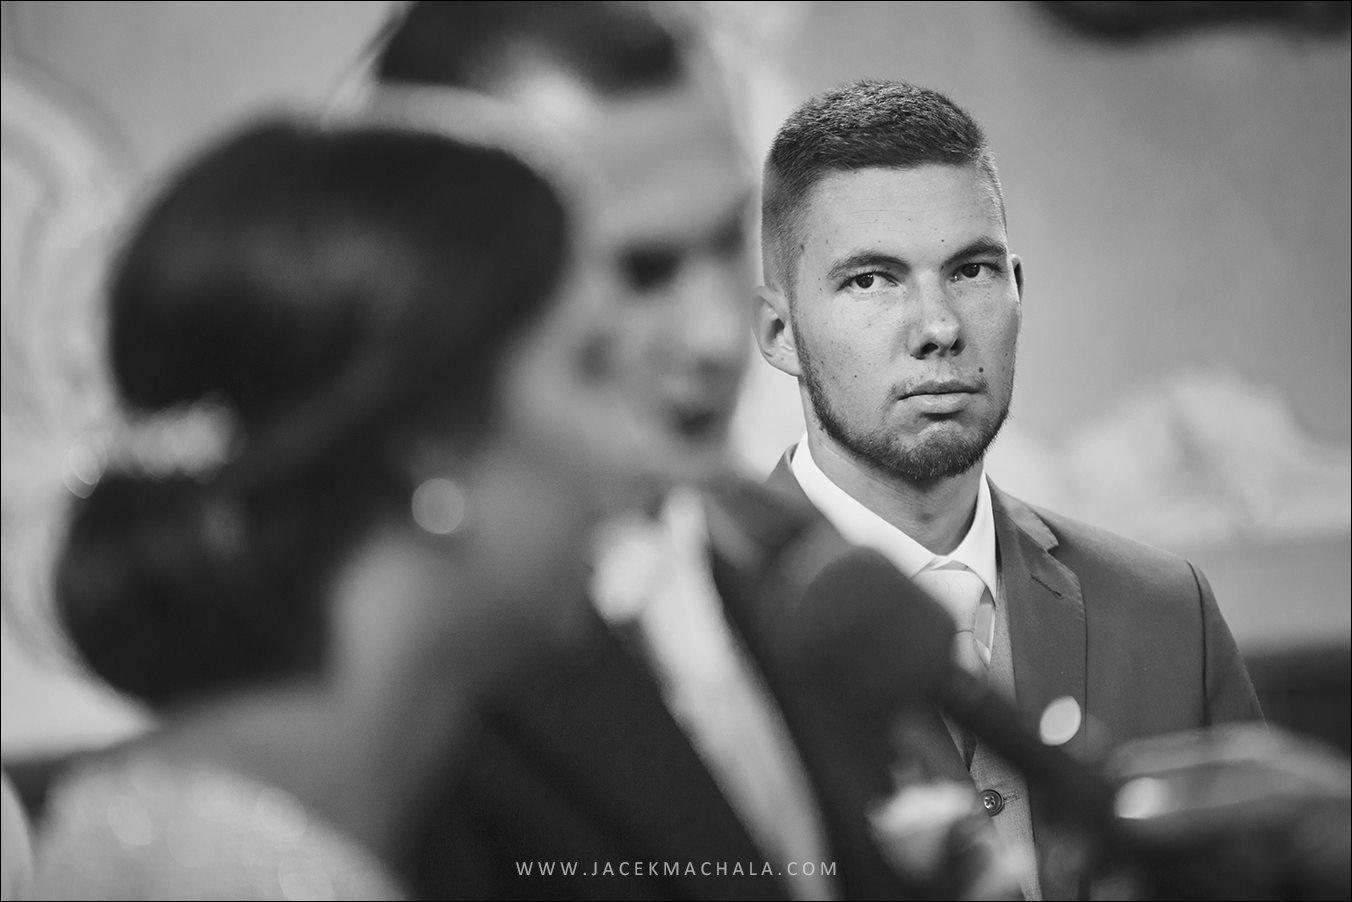 slask fotograf bielsko biala diana i dawid 28 - Hotel Ostaniec - DIANA & DAWID